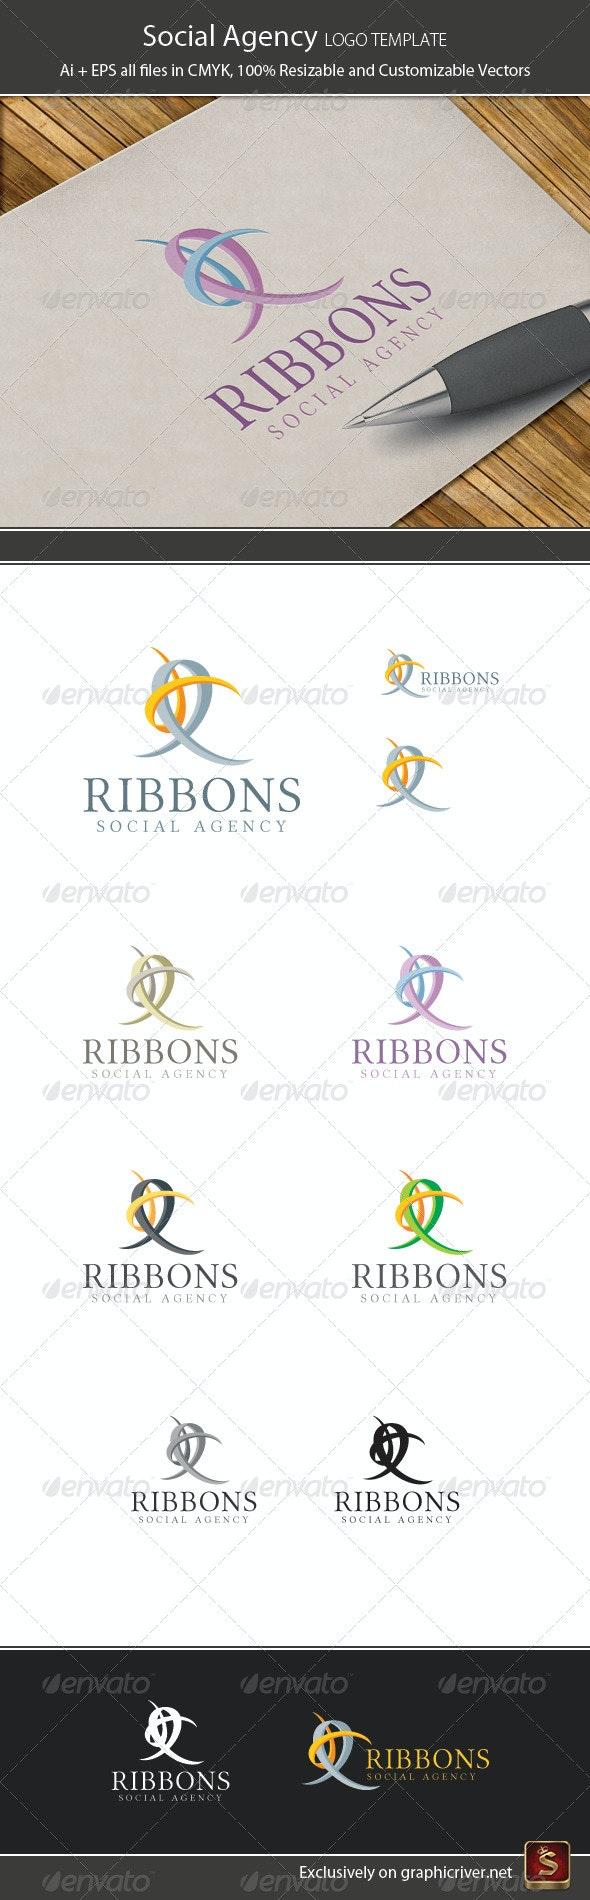 Social Agency Logo Template - Vector Abstract